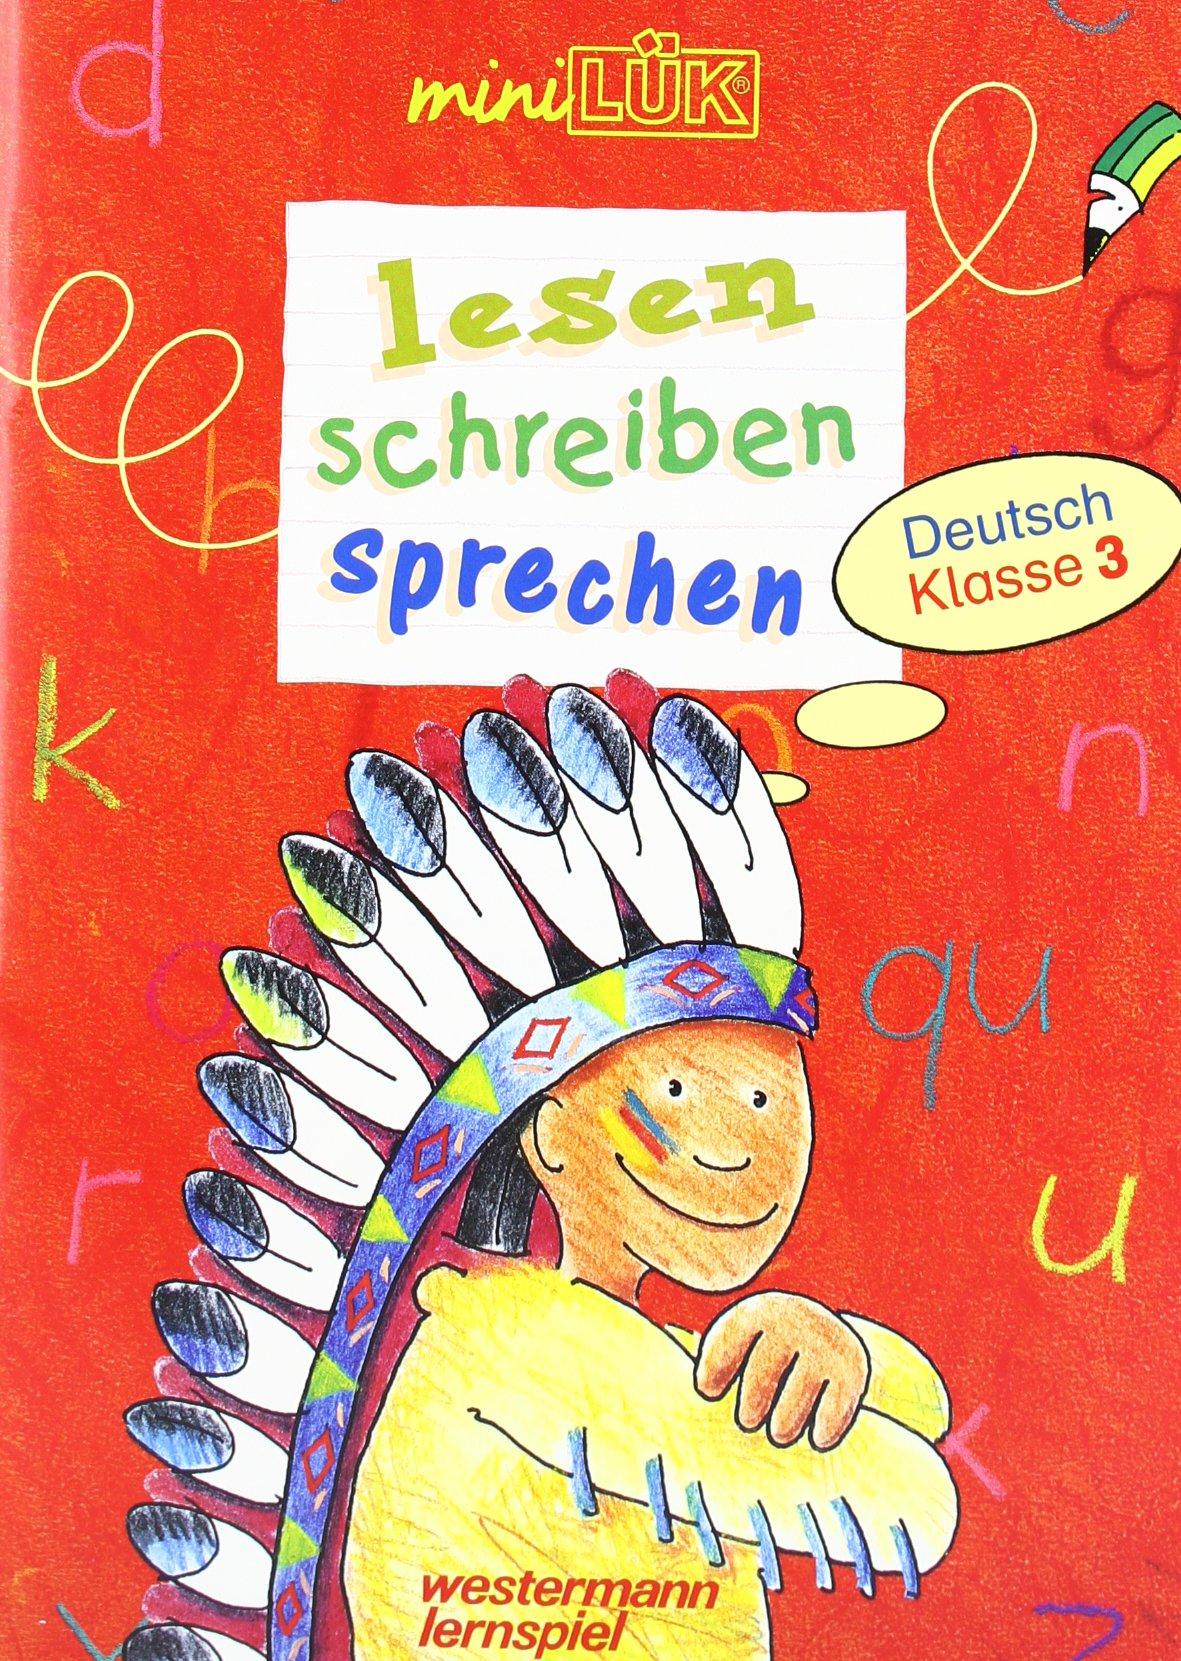 miniLÜK mit Zusatznutzen / Deutsch: miniLÜK: Deutsch Klasse 3